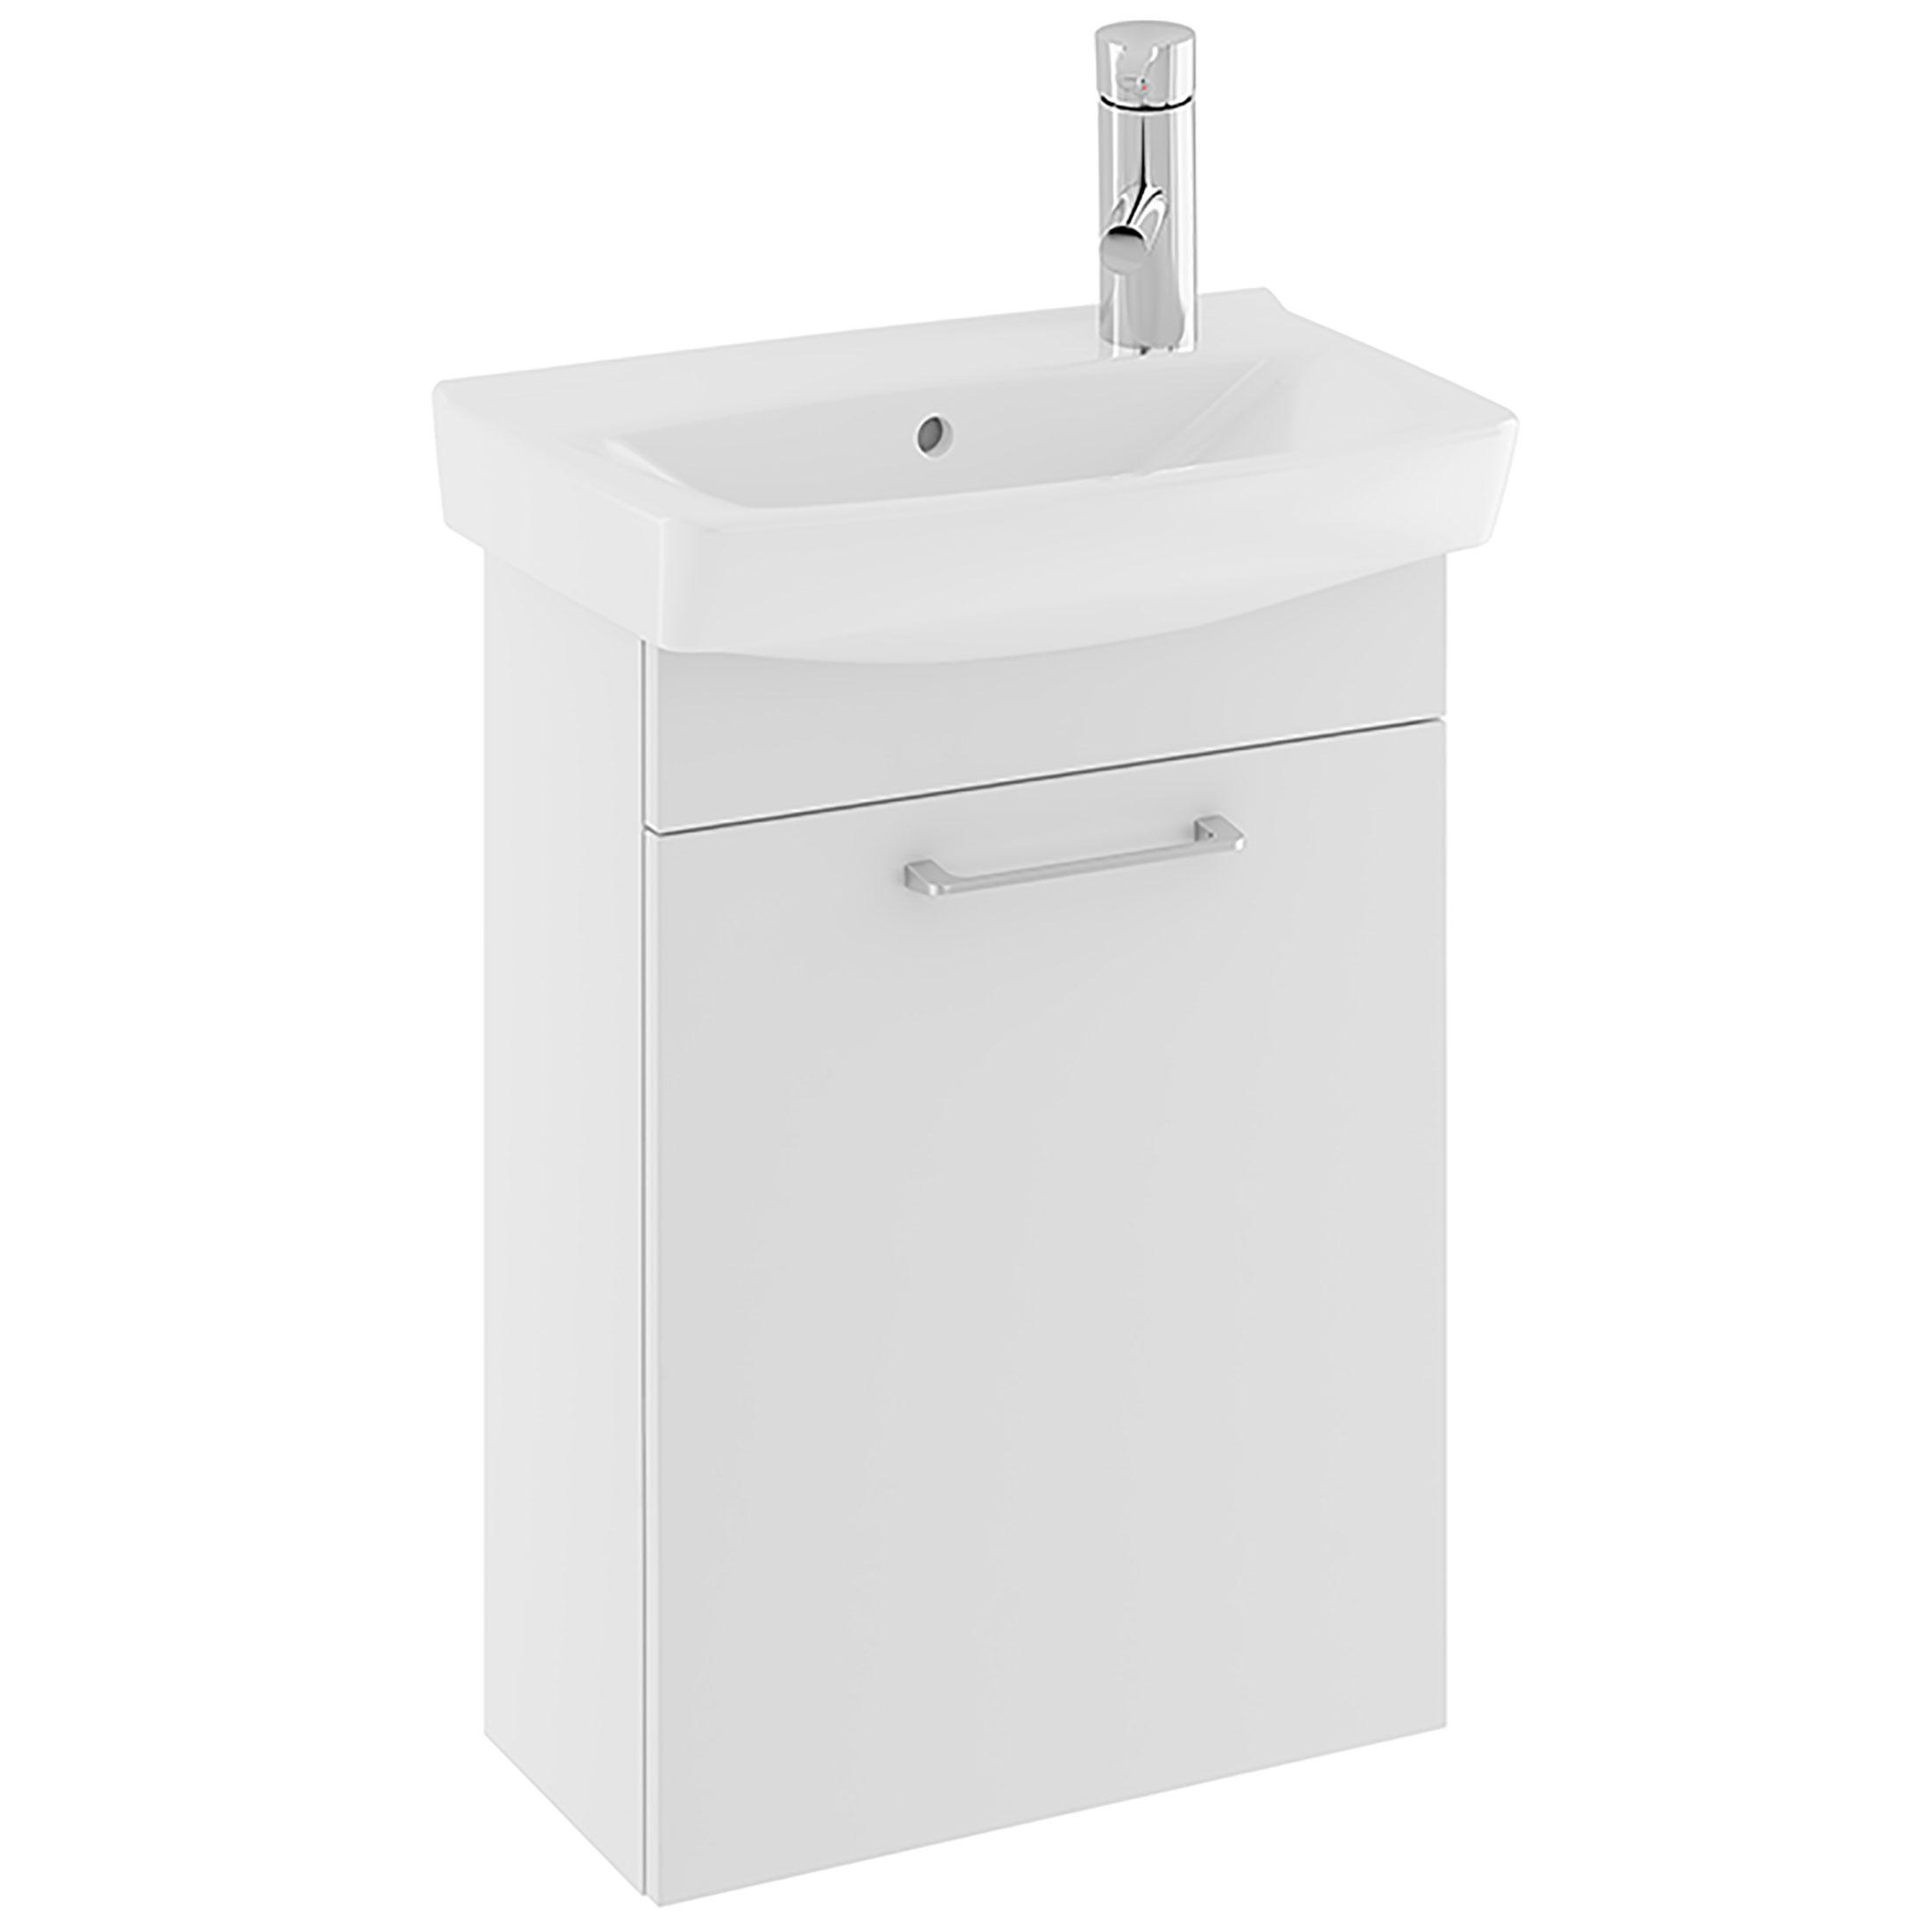 Tvättställsskåp Ifö Spira